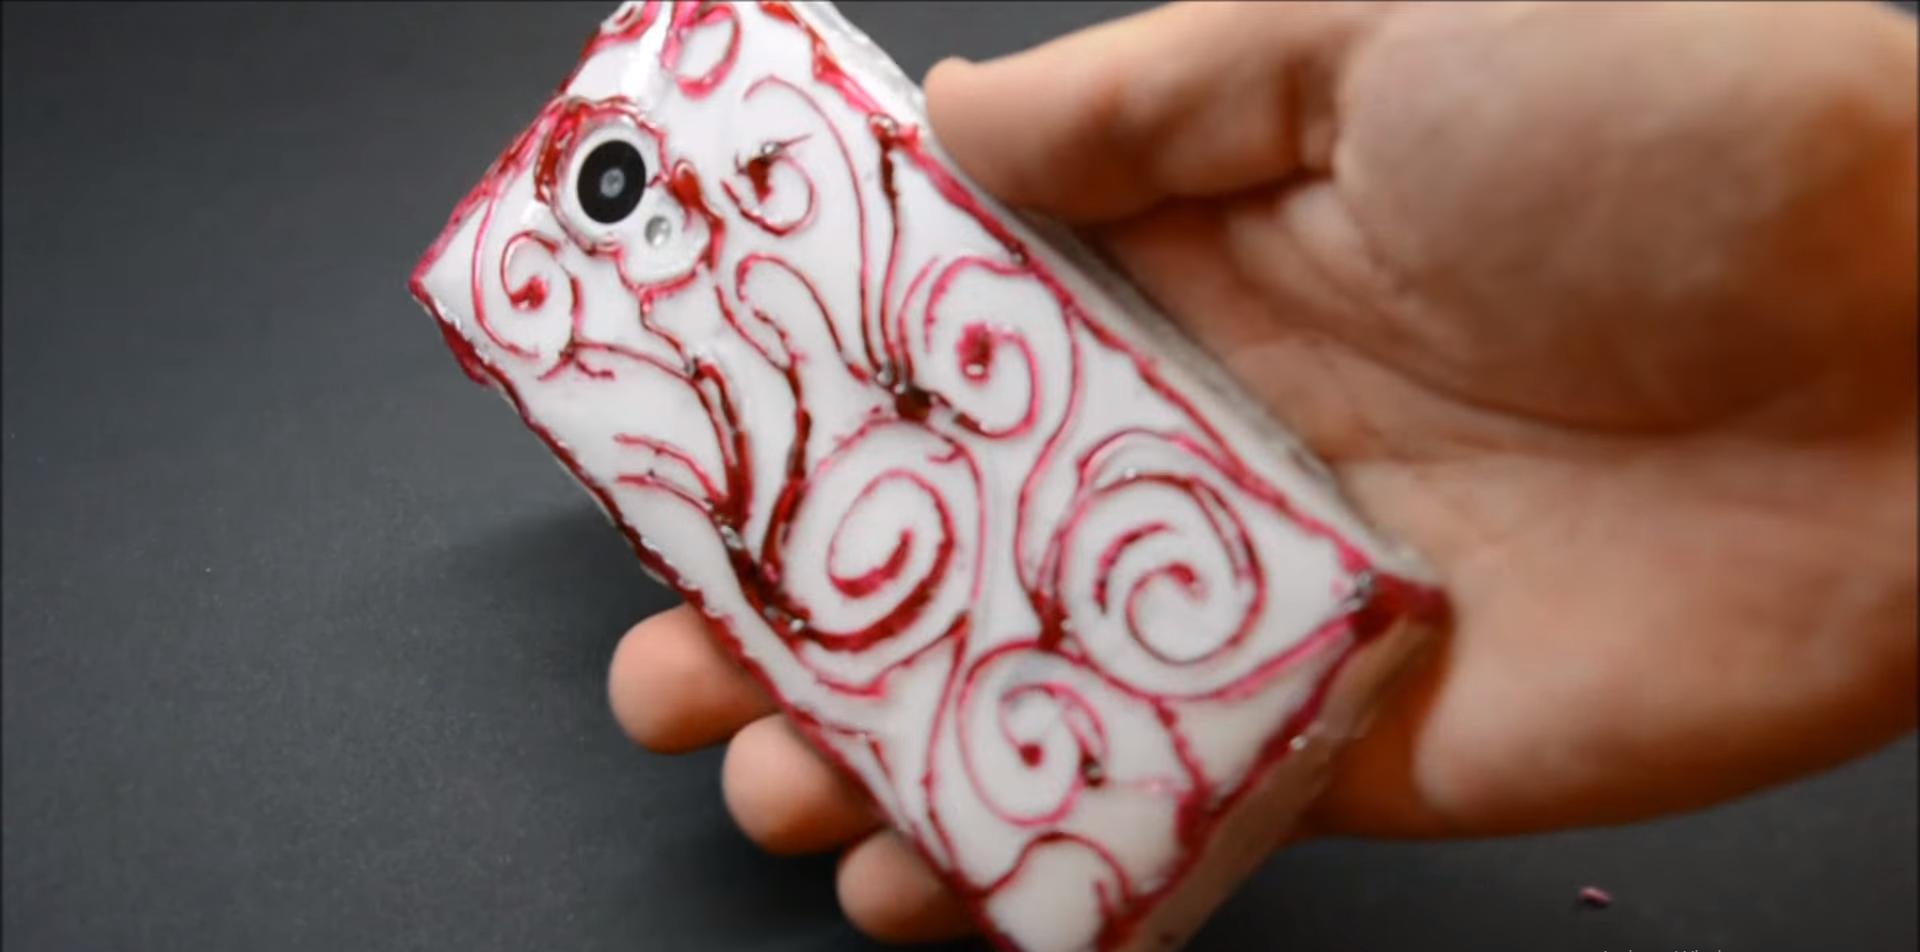 Cách làm ốp lưng điện thoại từ keo nến cực kỳ đơn giản